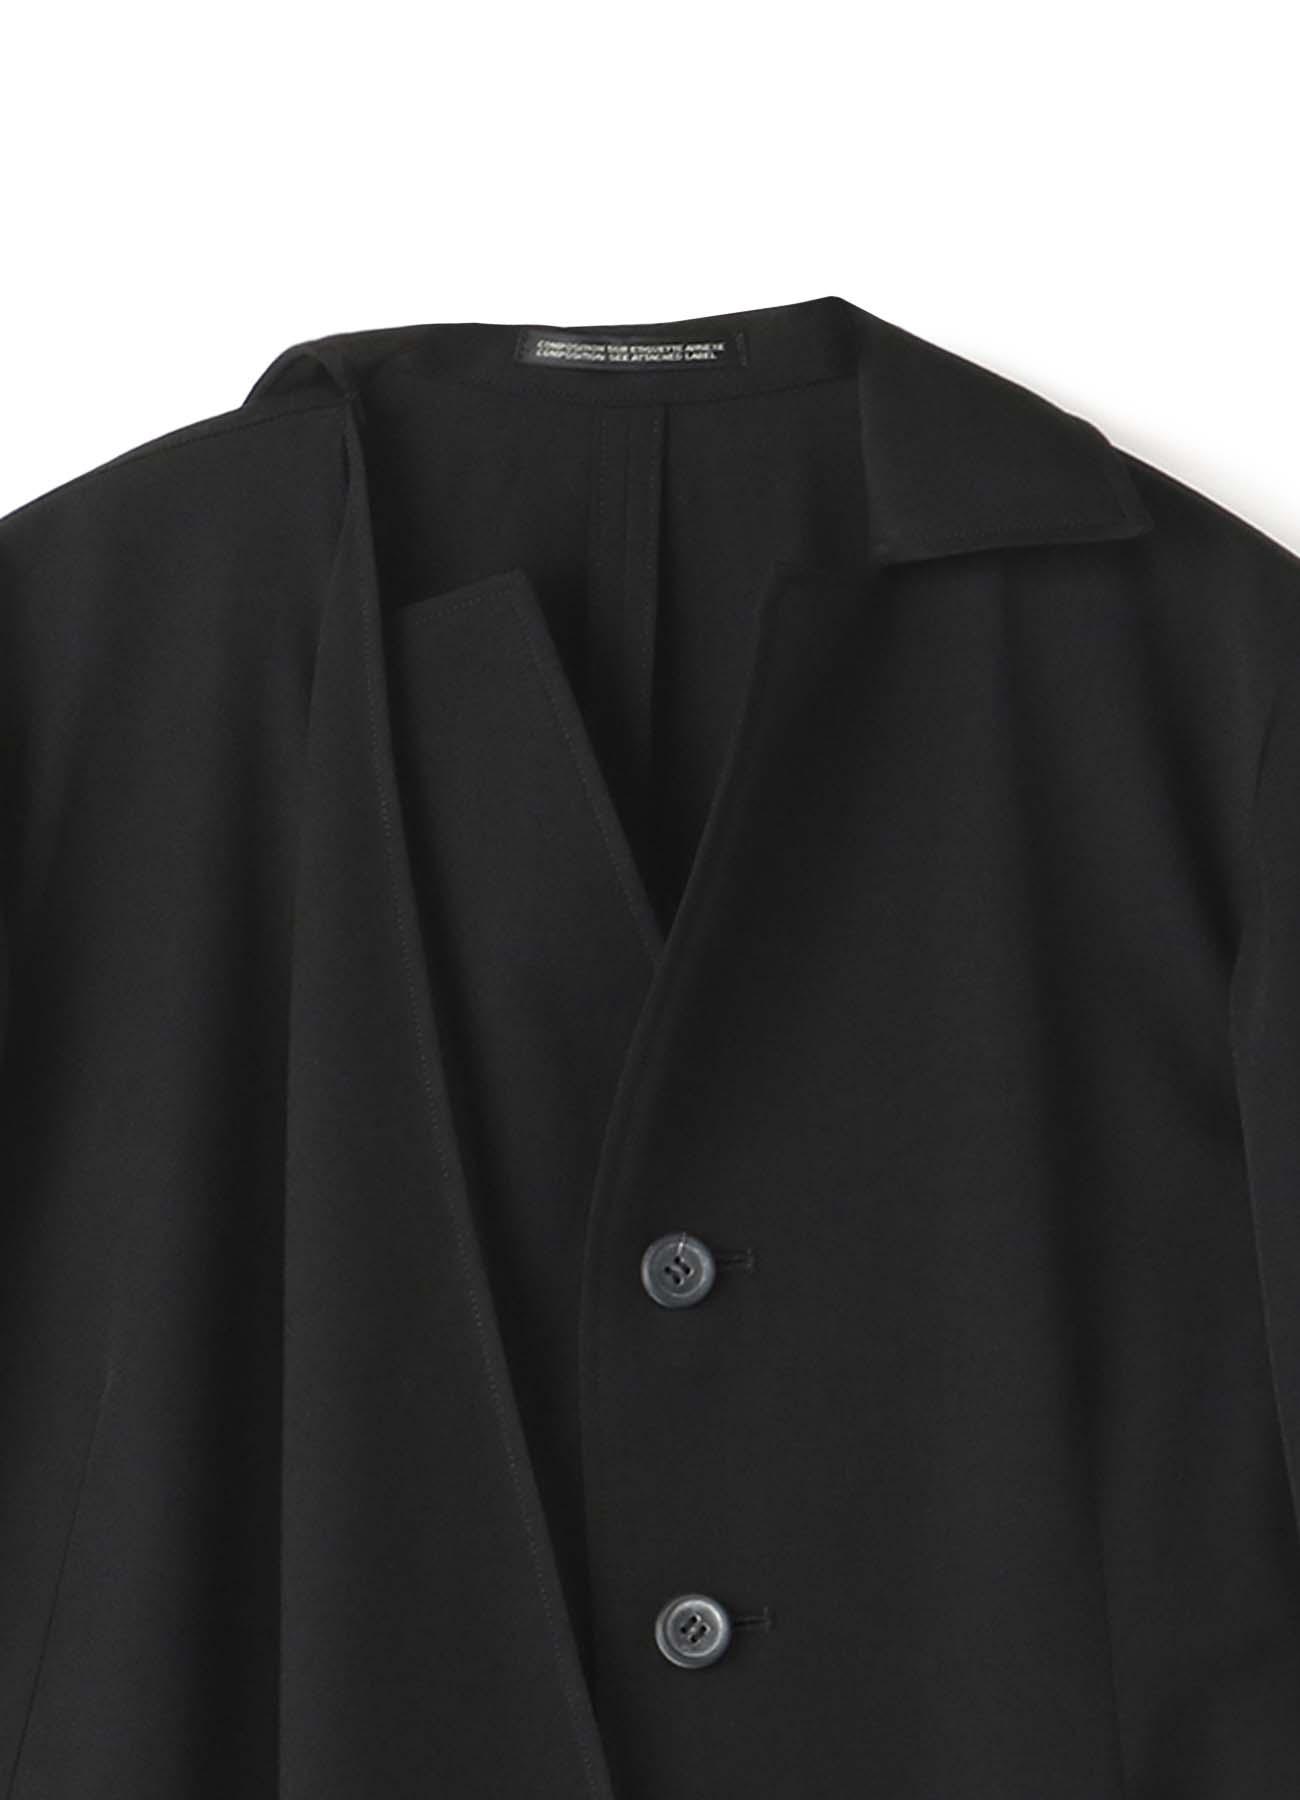 シワギャバ ドレープ半袖ドレス